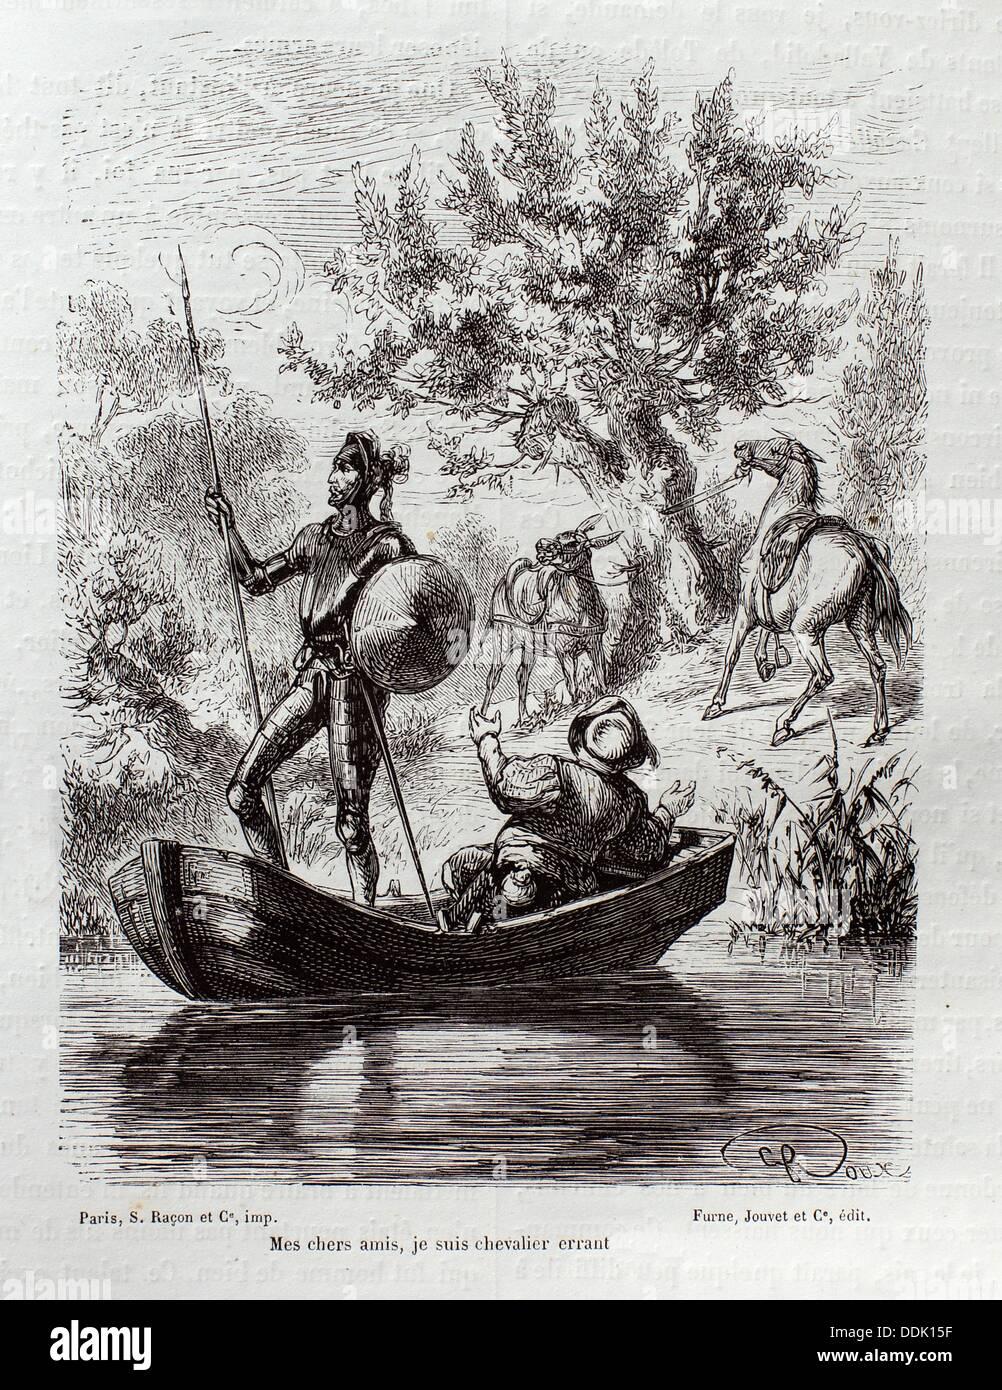 ´Mes chers amis, je suis chevalier errant´, The Ingenious Gentleman Don Quixote of La Mancha by Miguel de Cervantes - Stock Image